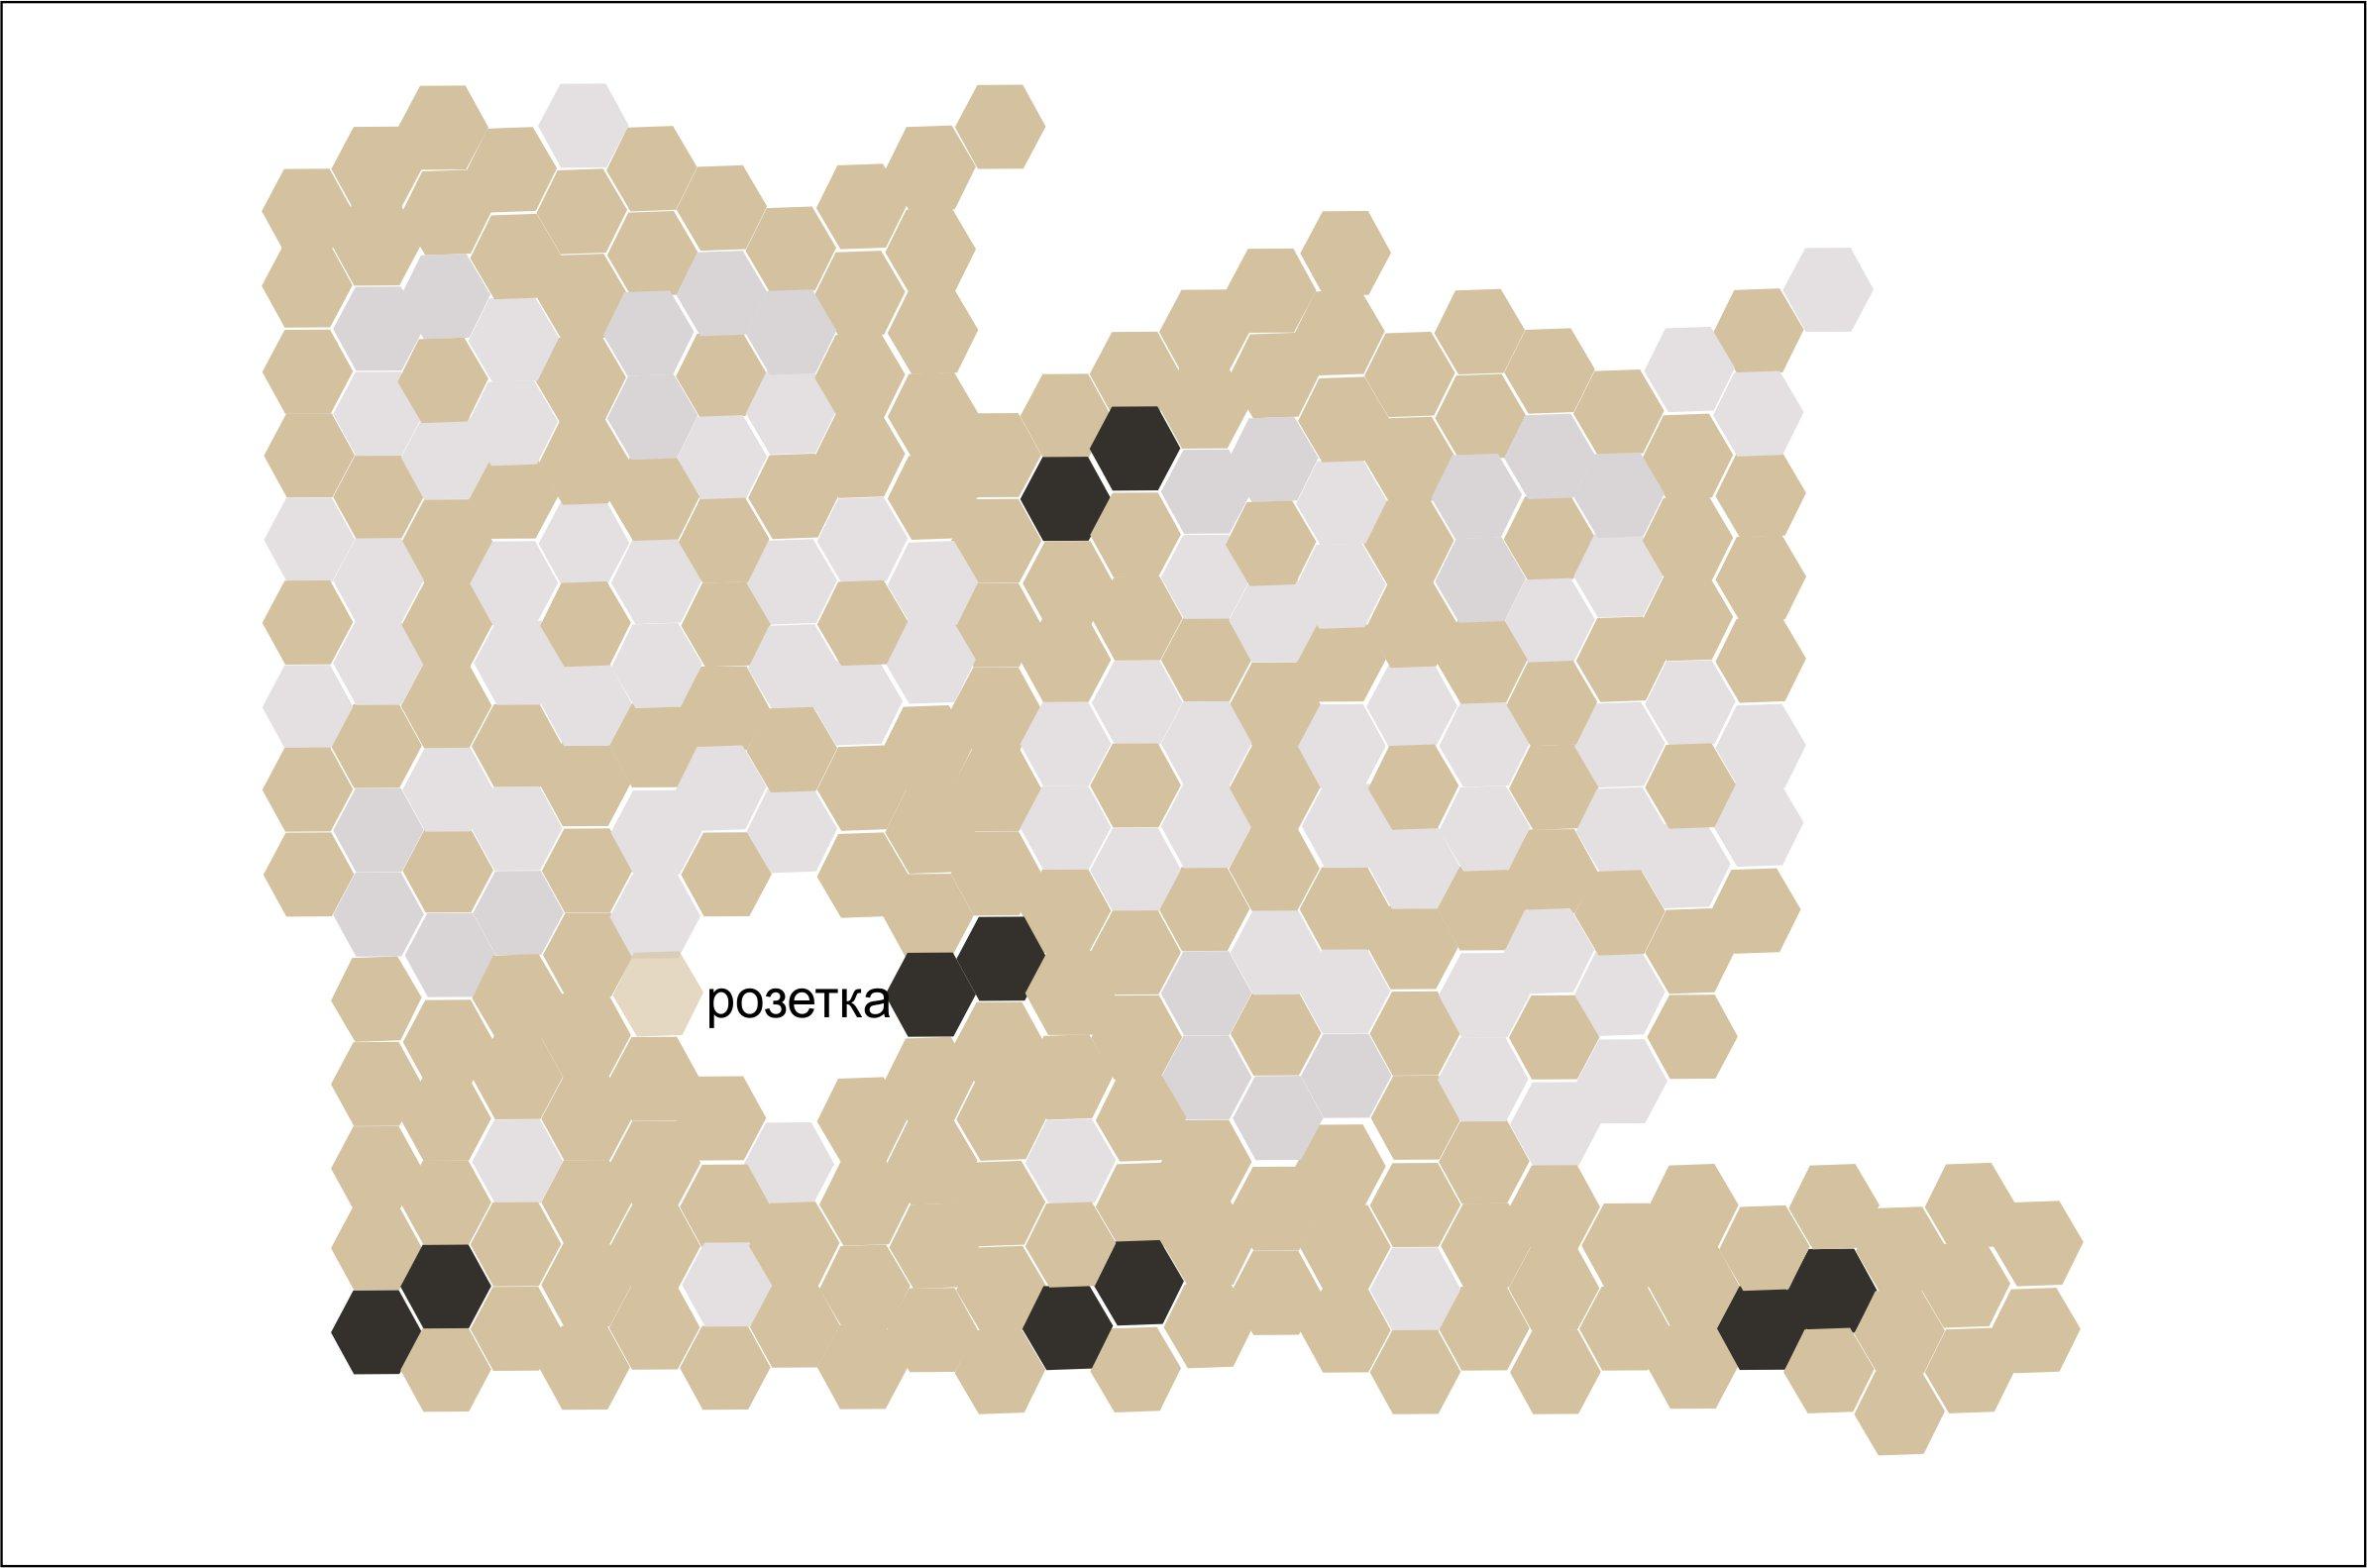 Дизайн кухонного фартука гексагональным пиксель-артом фото f_9885e2b59d2cb7a0.jpg